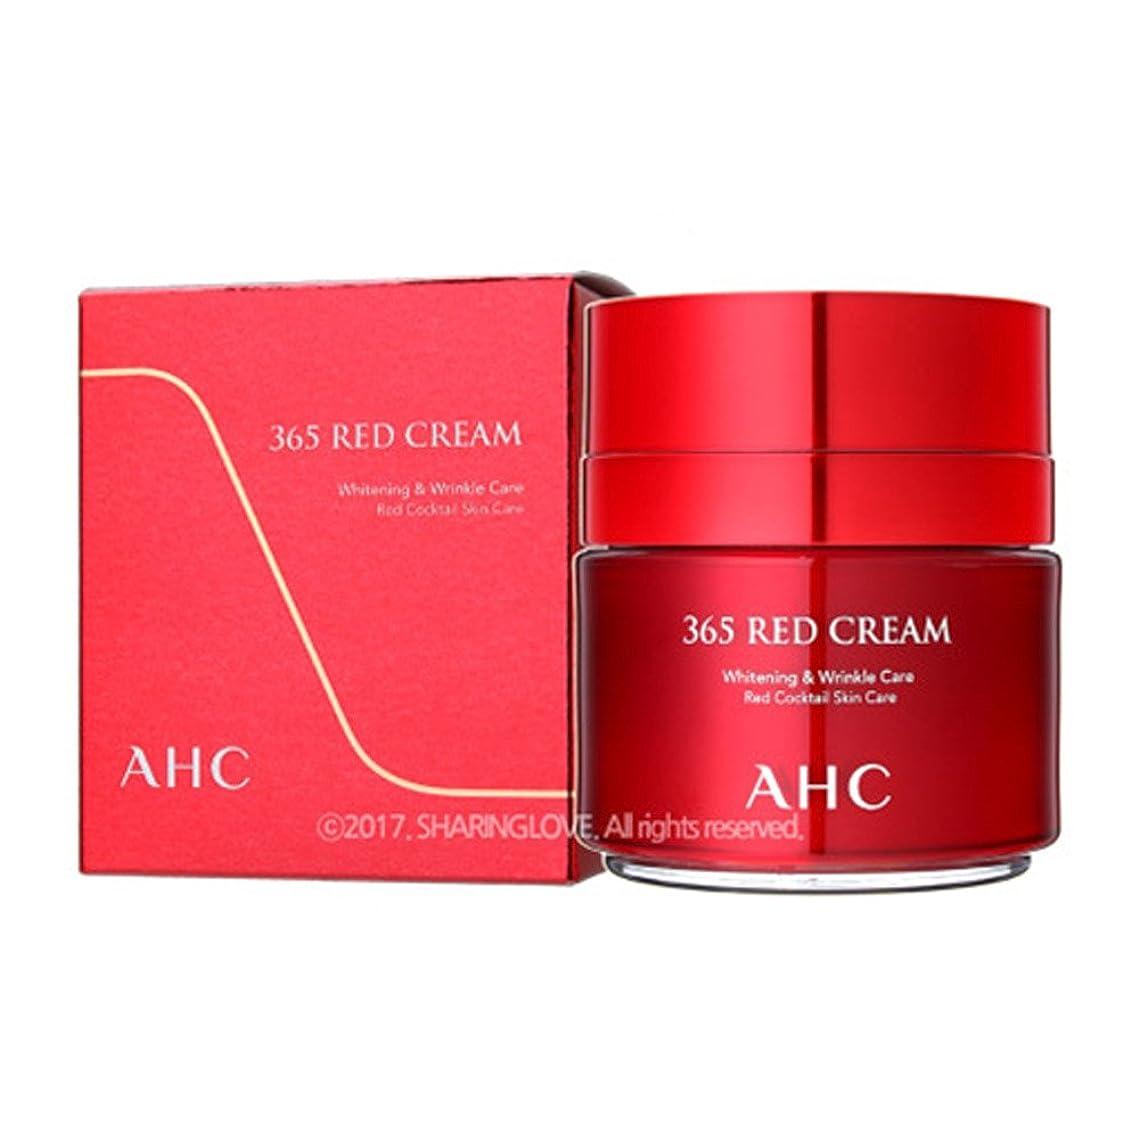 朝慣れている気楽なAHC 365 Red Cream 1.7 Fl Oz(50ml) - Whitening & Wrinkle Care / Red Cocktail Skin Care